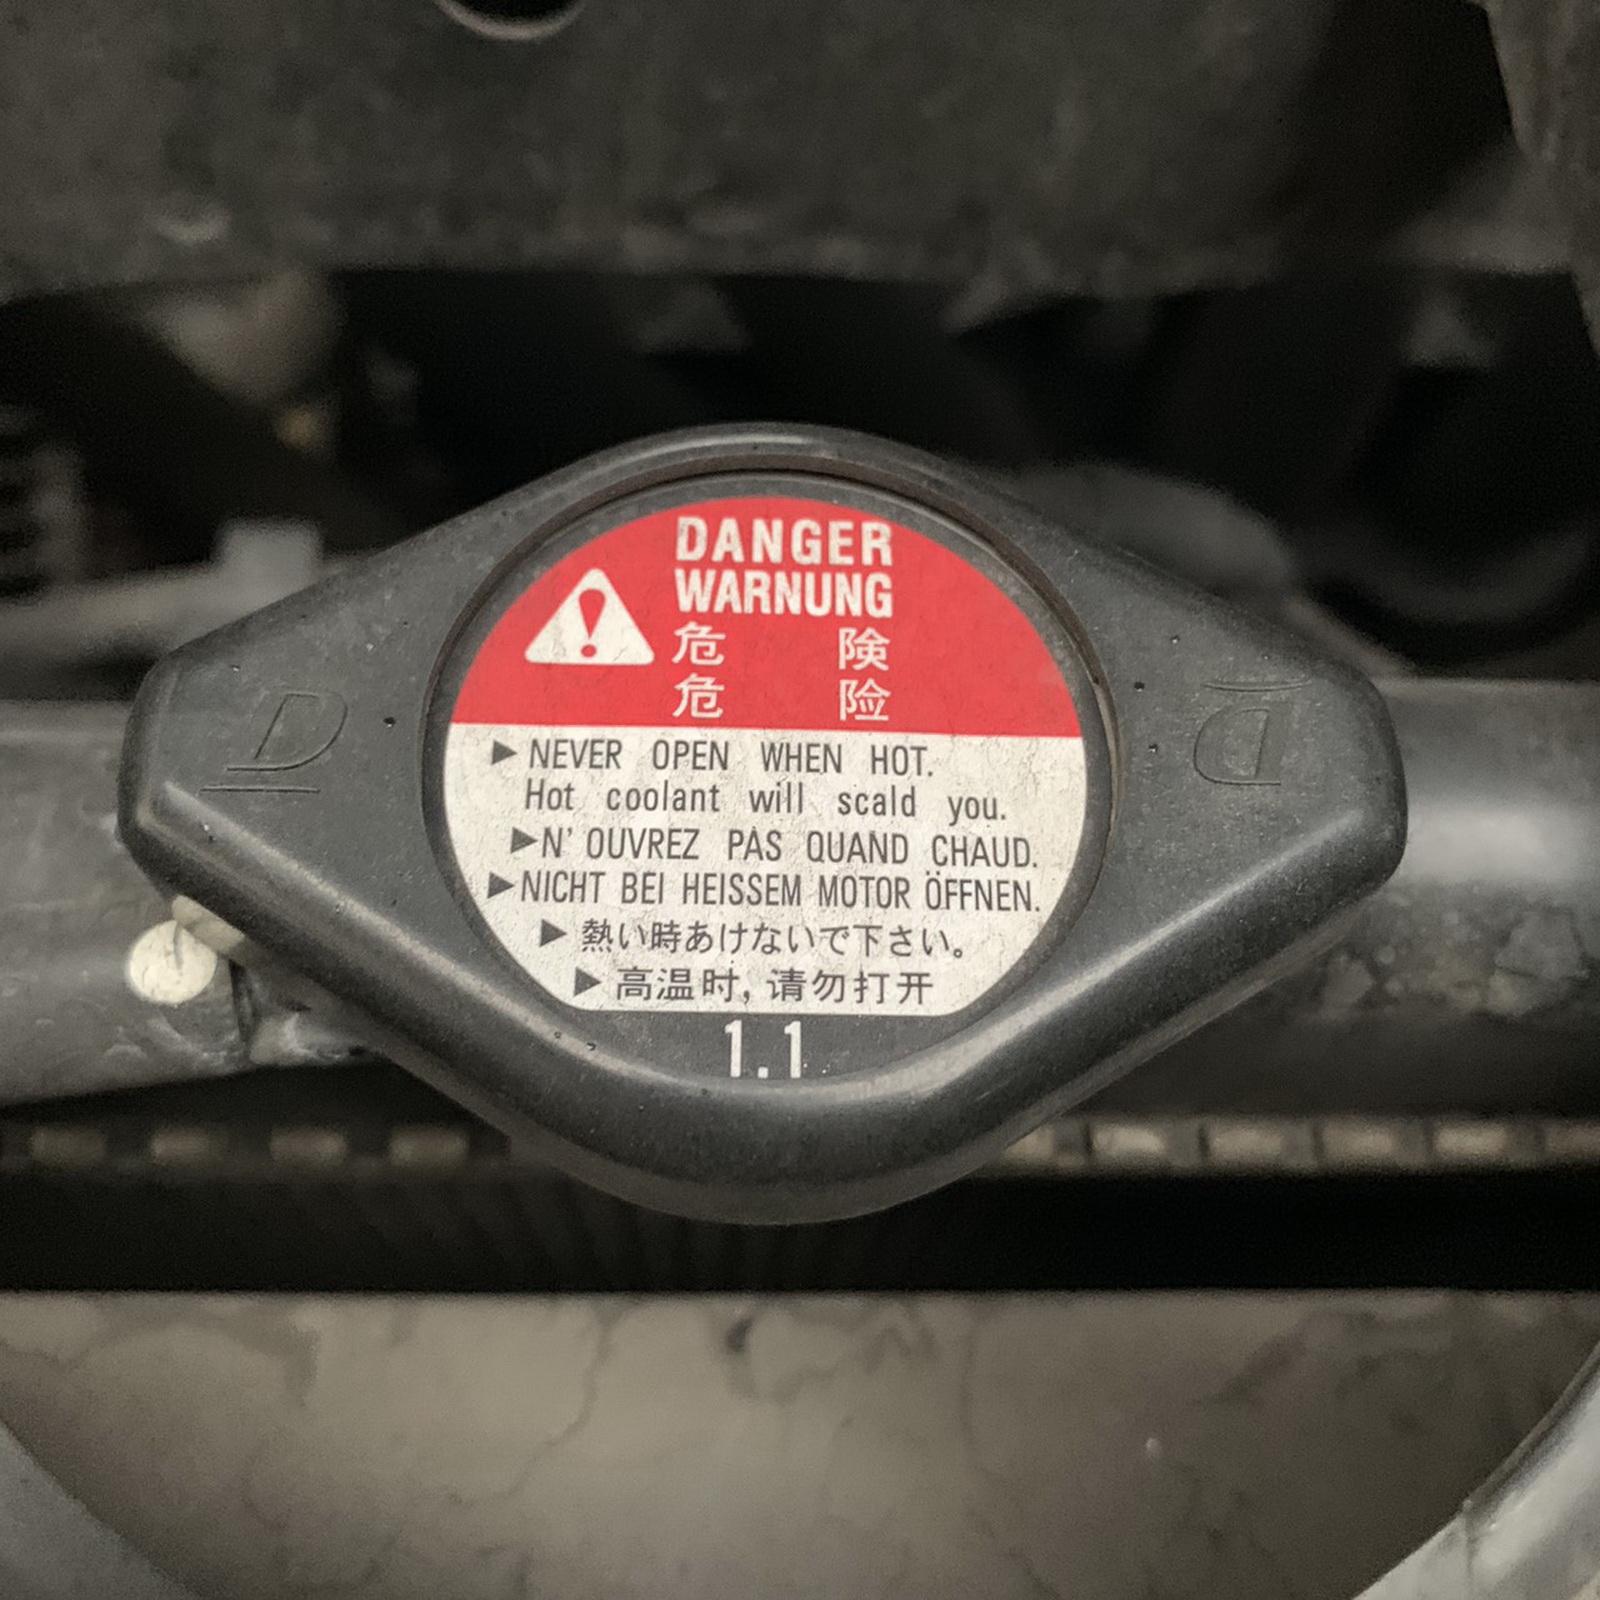 圖/▲檢查水箱蓋時切記,千萬不能在行駛後馬上打開,內有滾燙沸水相當危險。